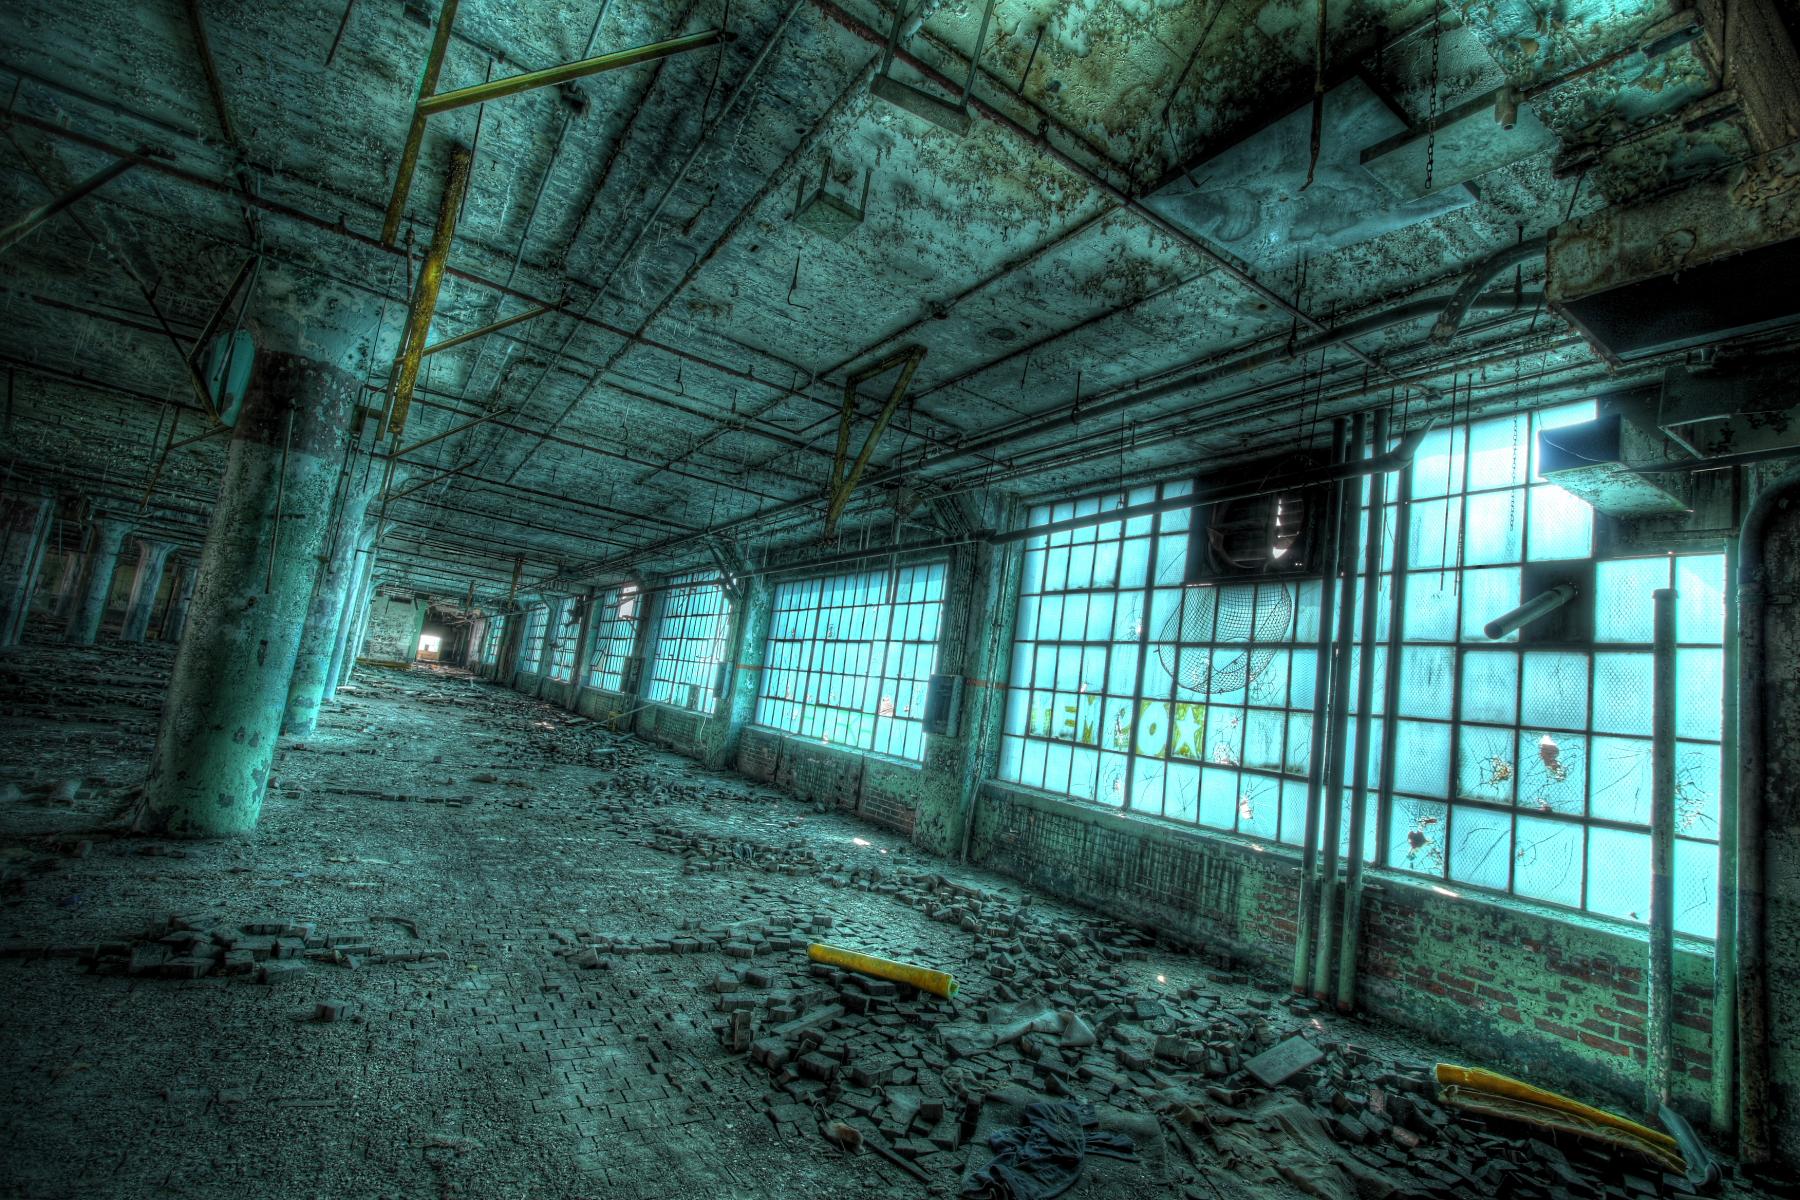 画像 : 【一度は行きたい】廃墟という名の美しすぎる芸術的建造物